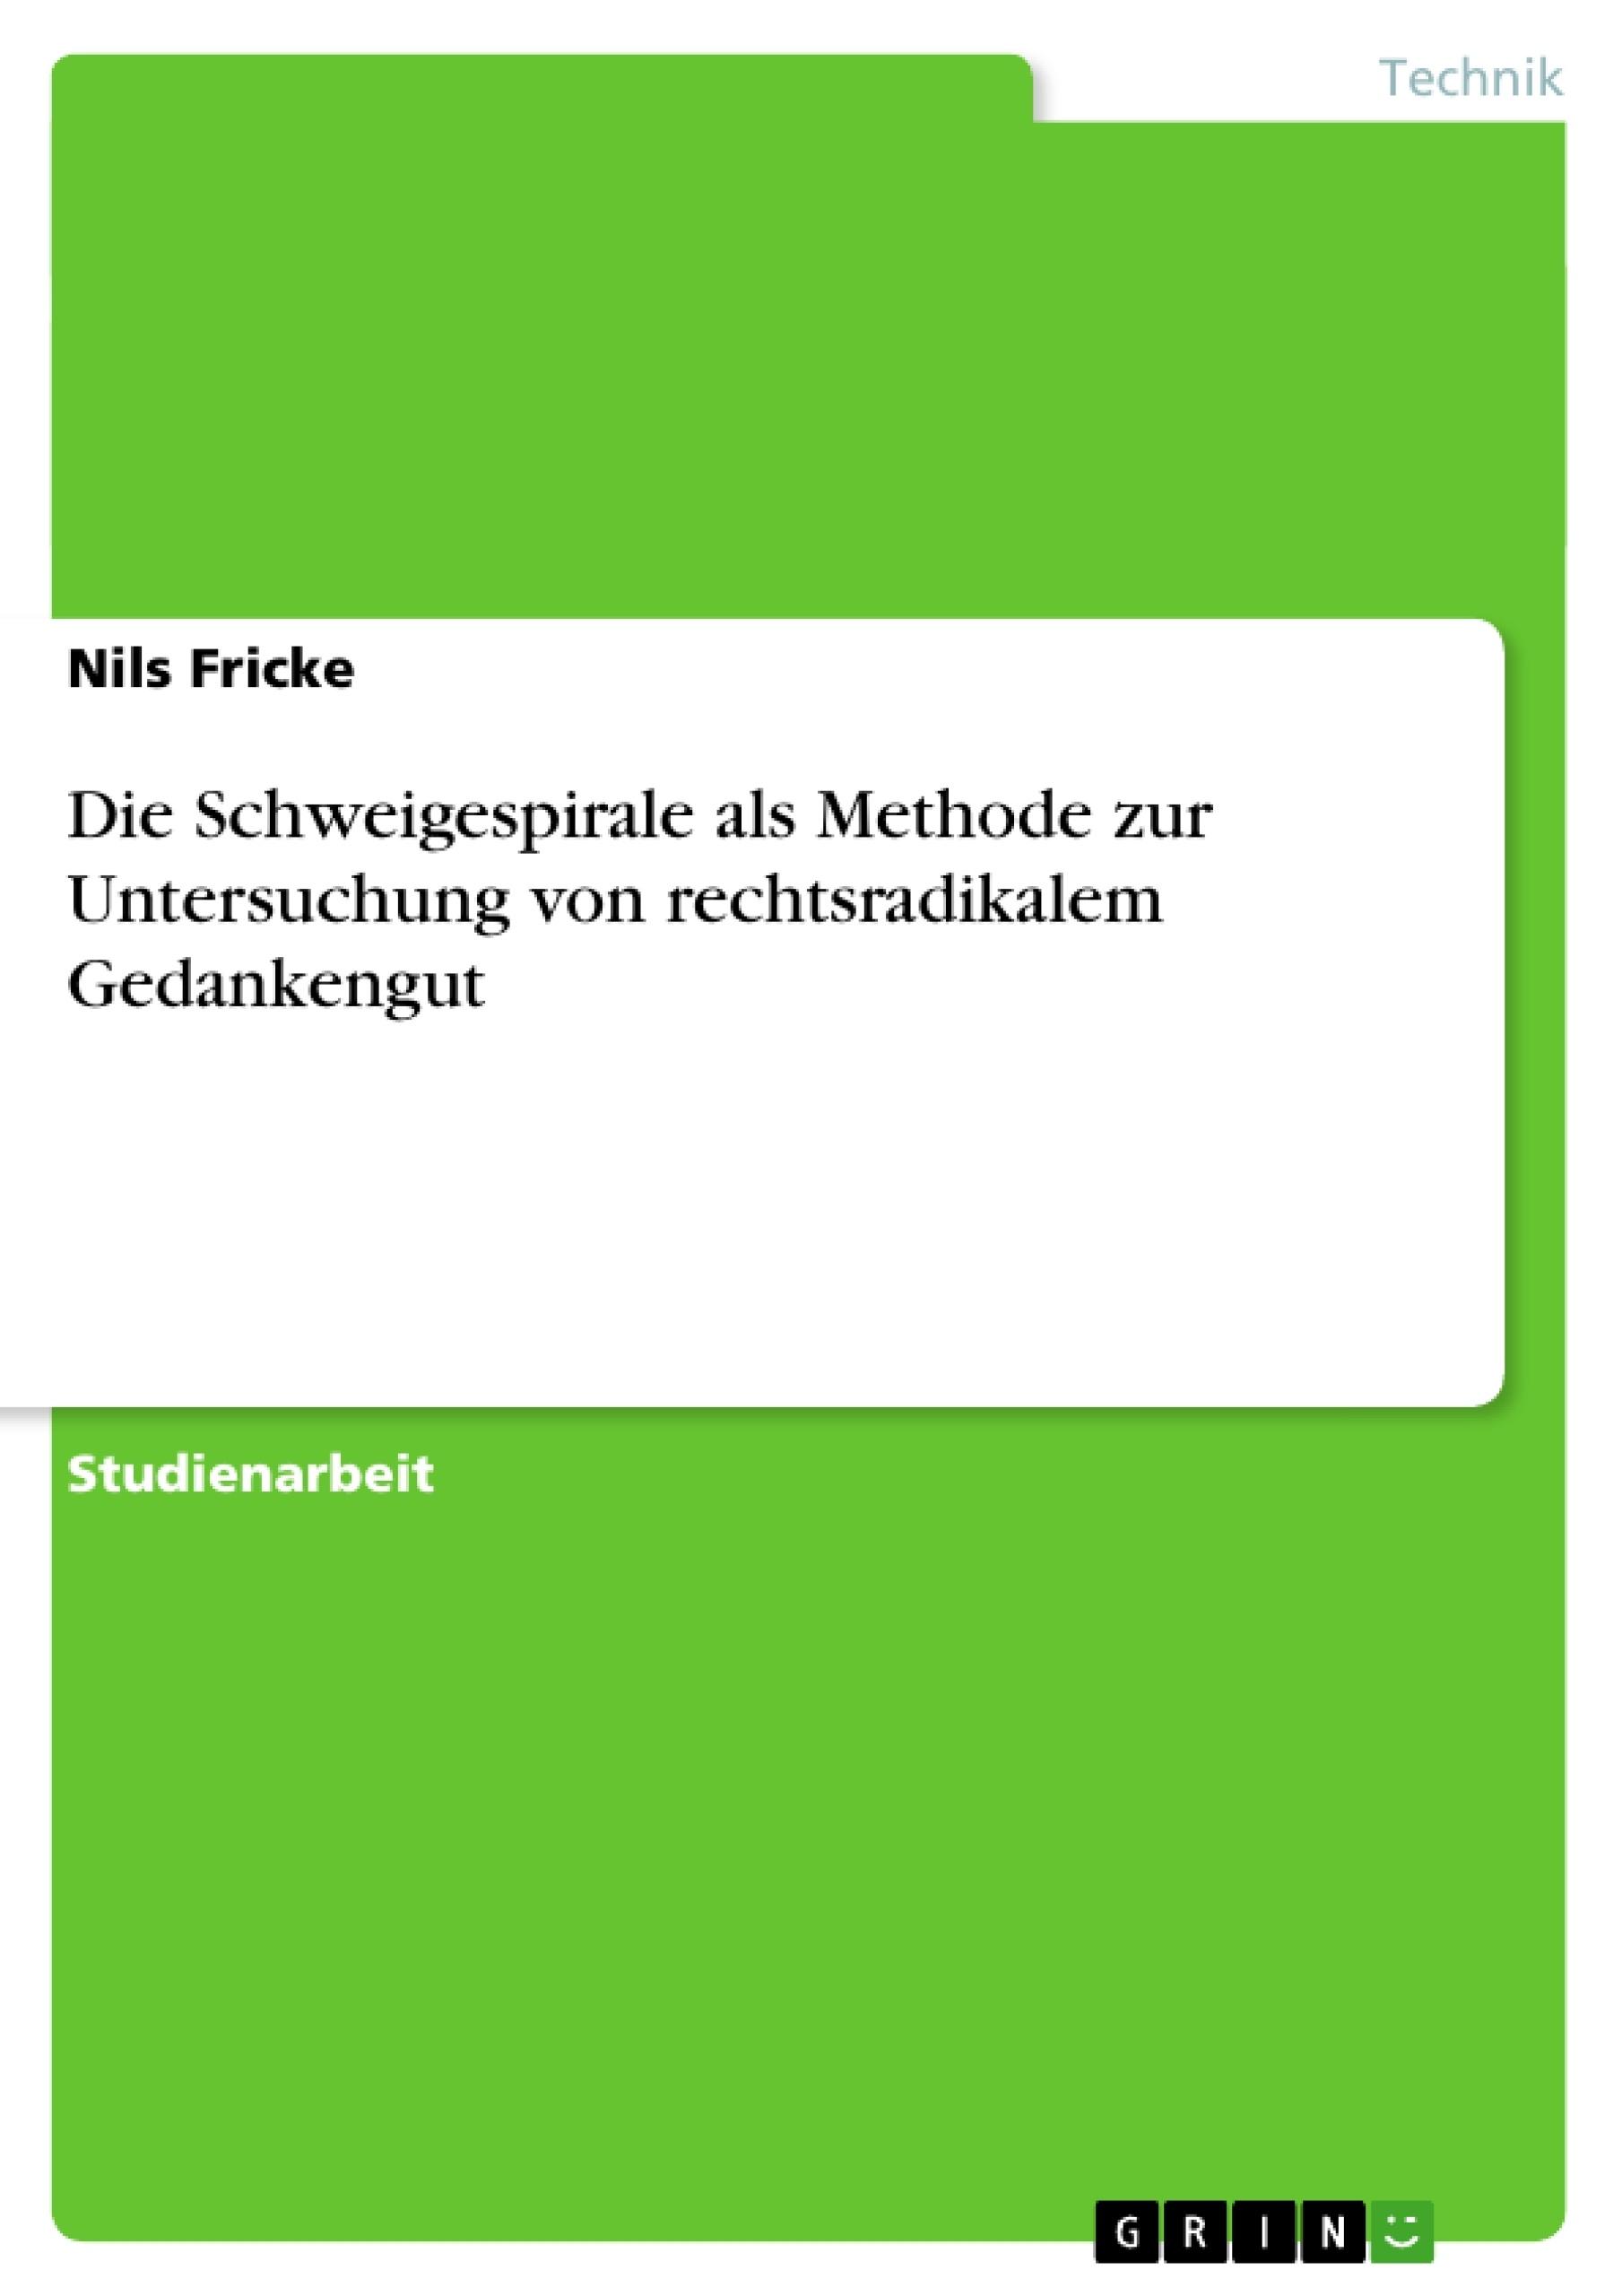 Titel: Die Schweigespirale als Methode zur Untersuchung von rechtsradikalem Gedankengut